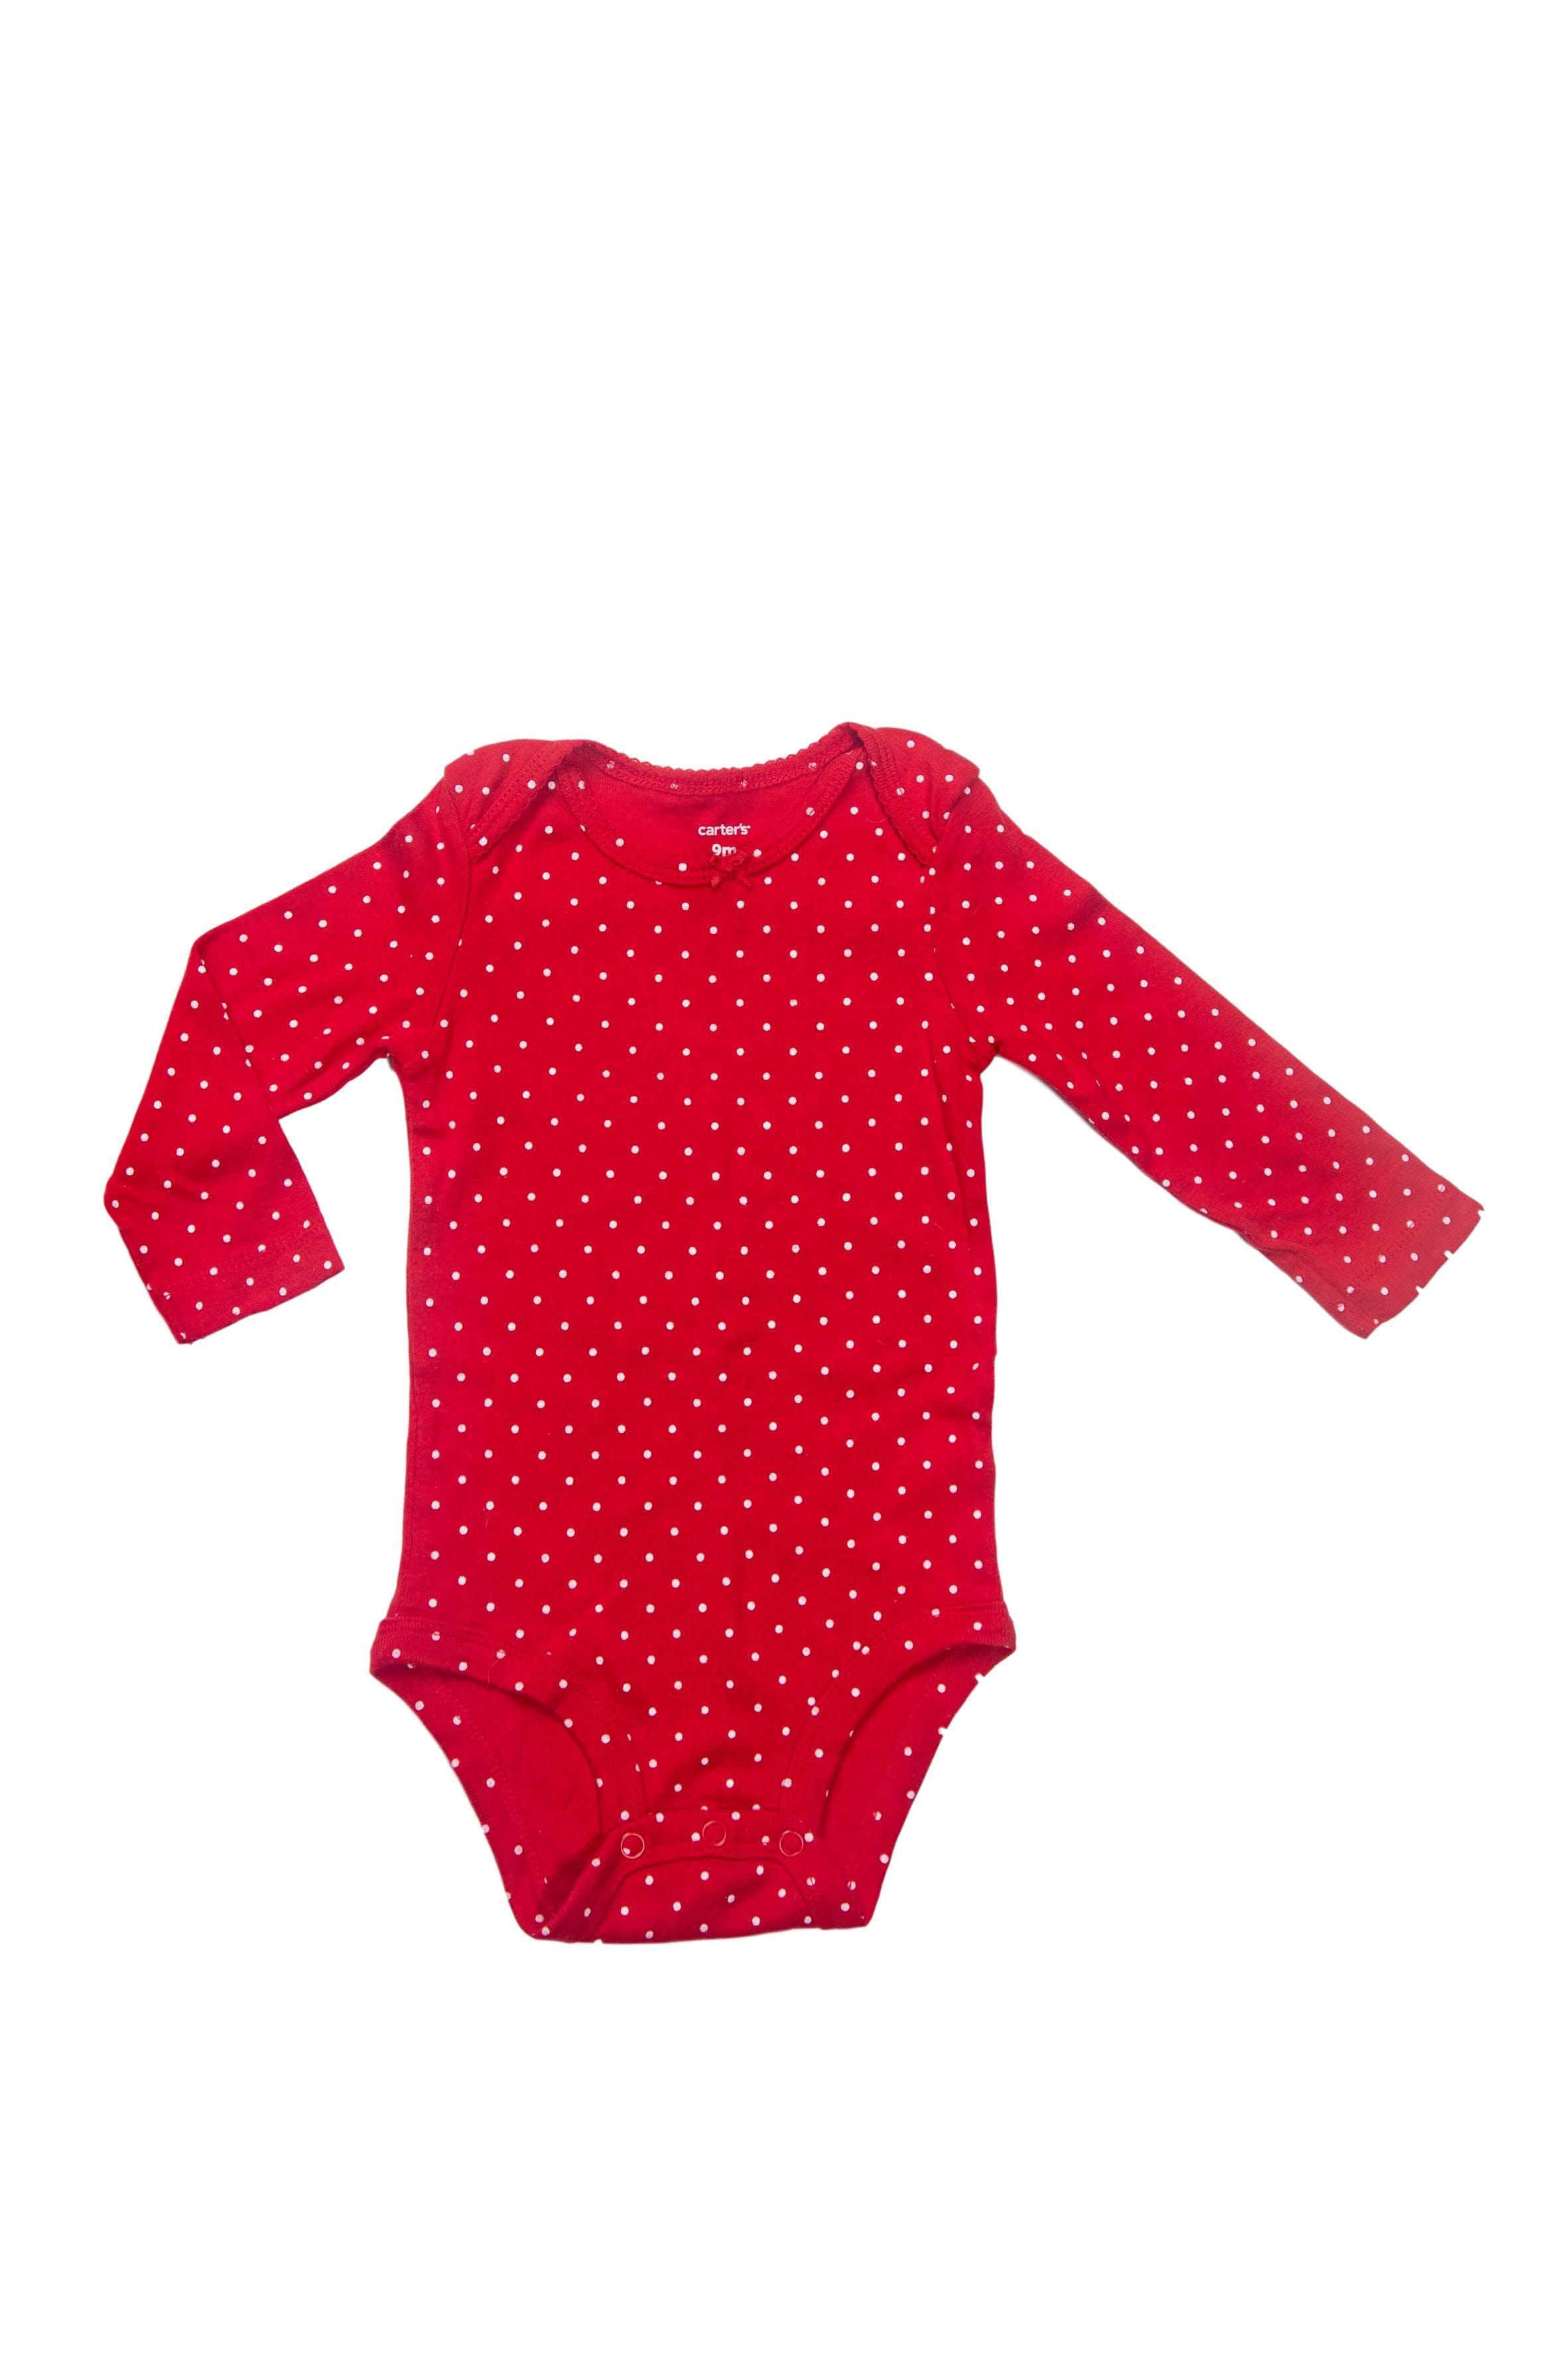 Body color rojo con puntos blancos, 100% algodón - Carter's